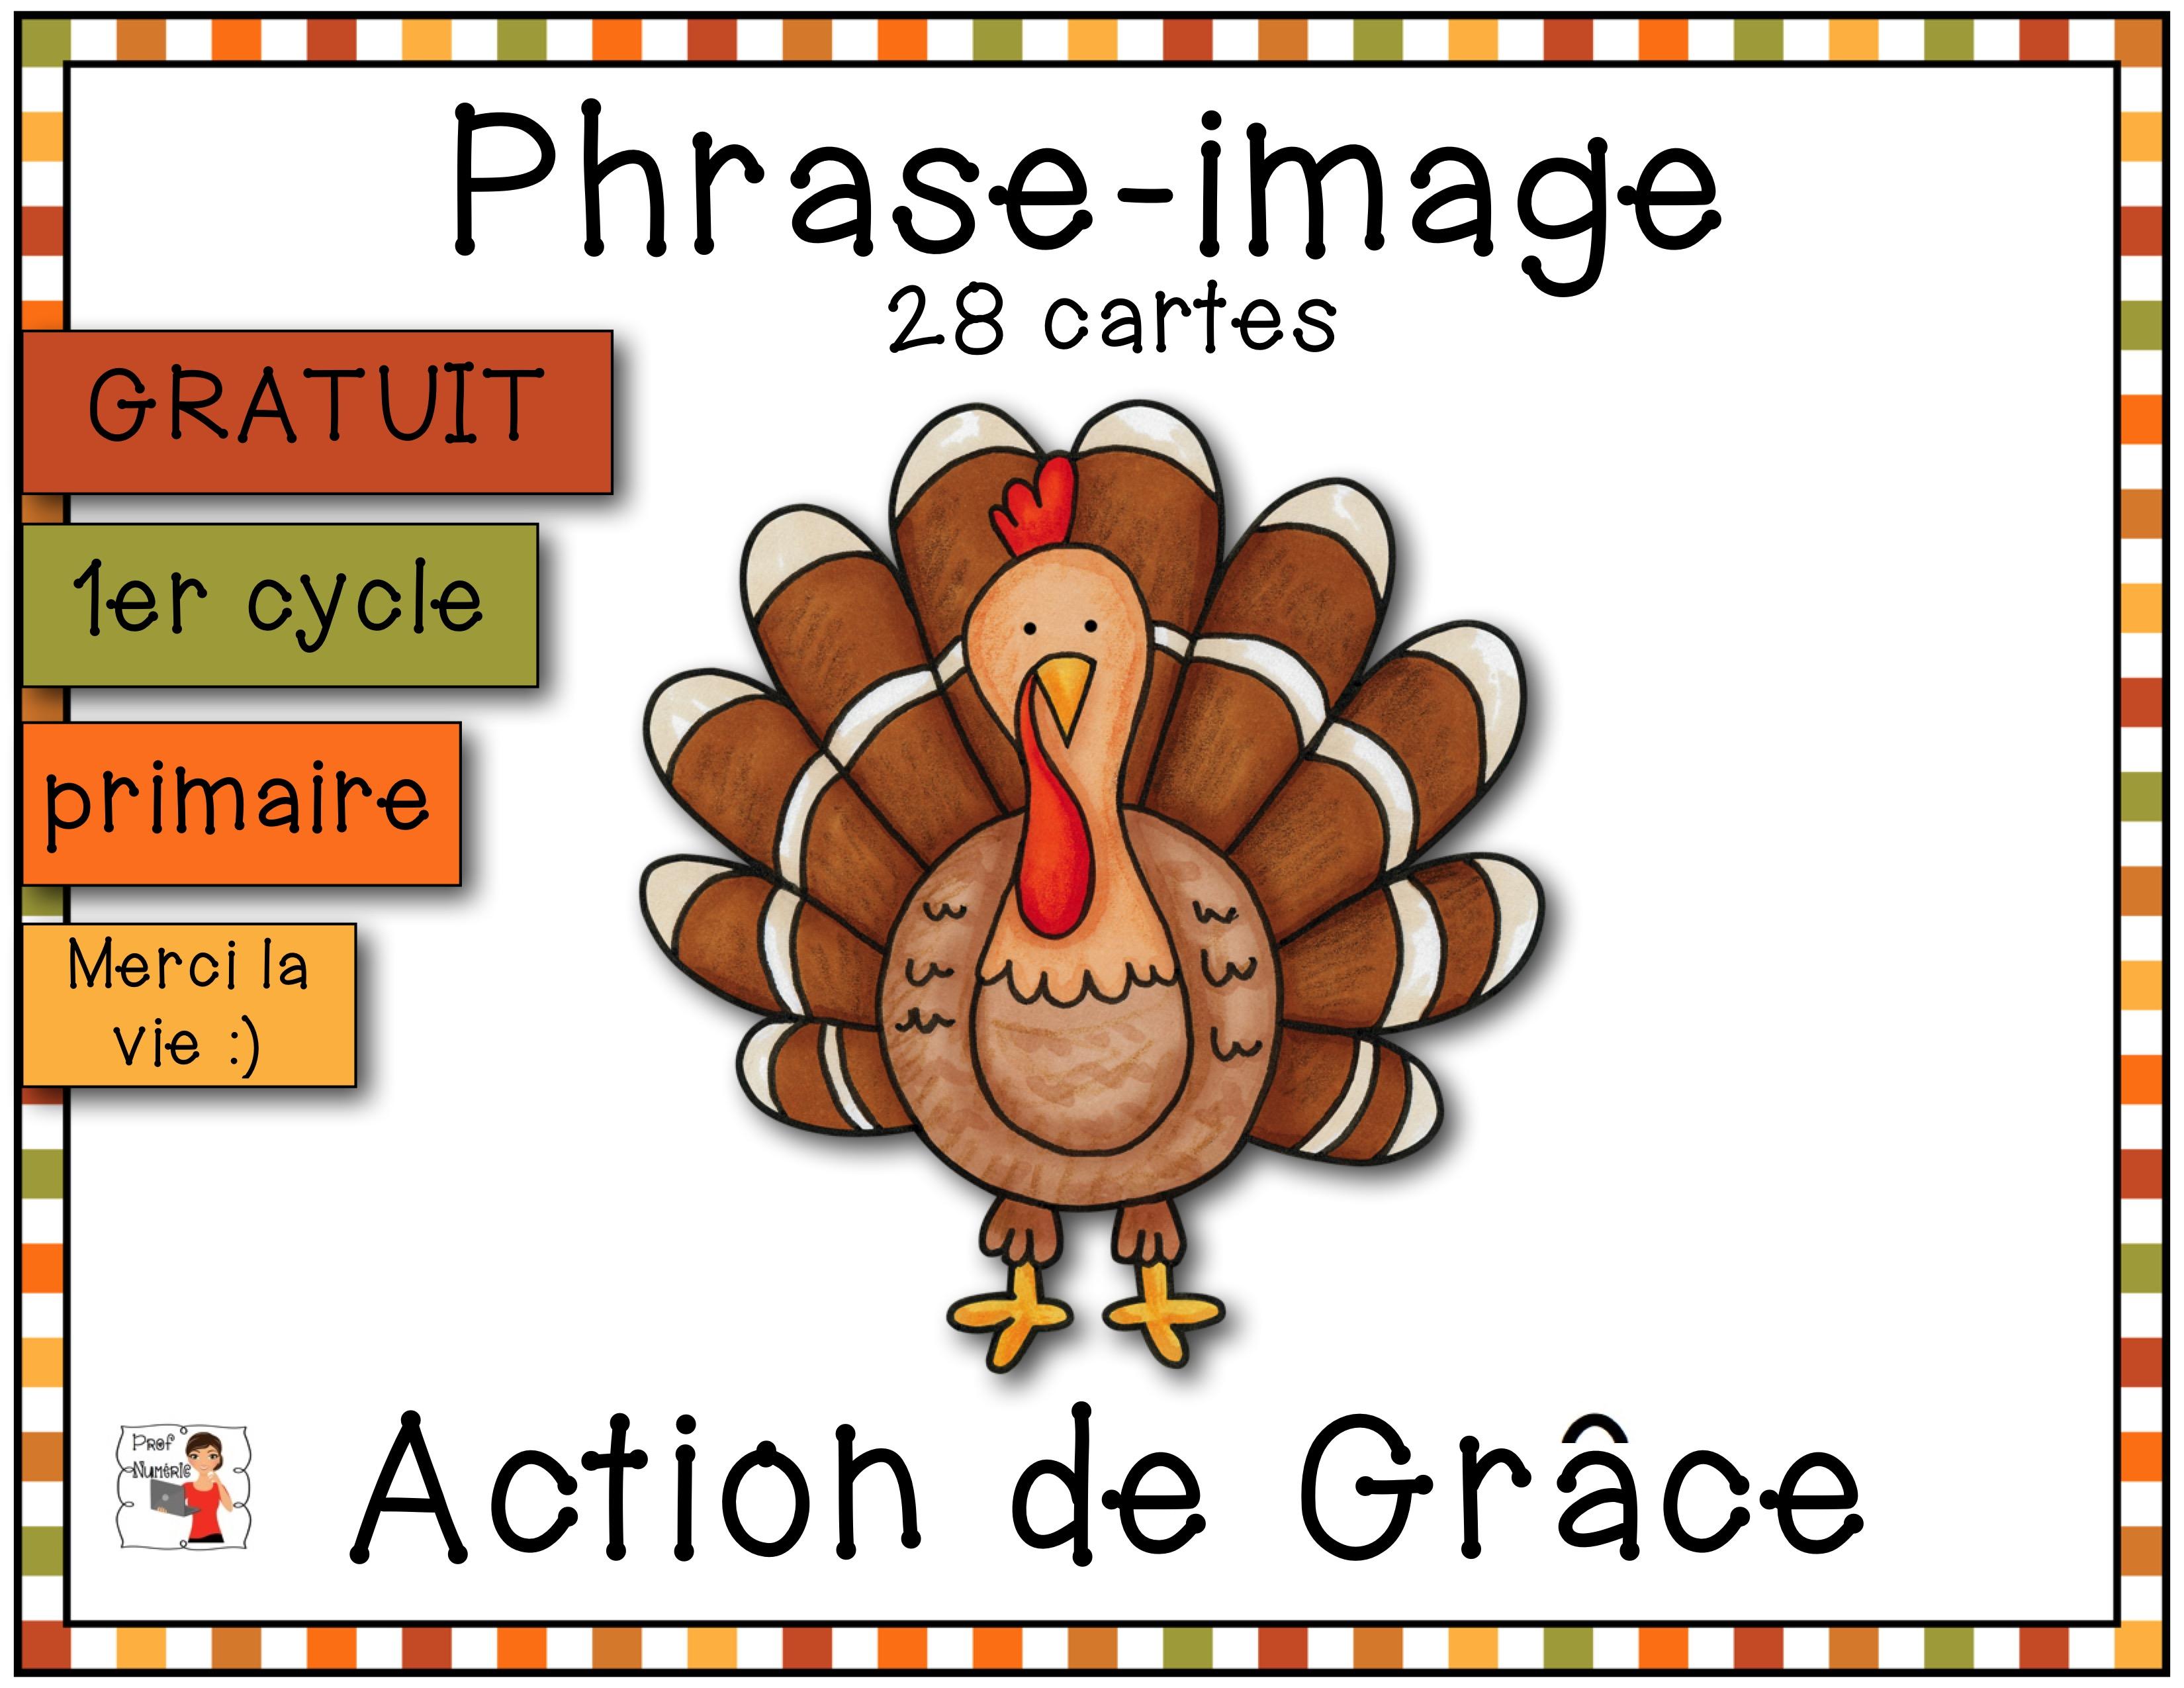 Action de Grâce-Phrase Image (GRATUIT)